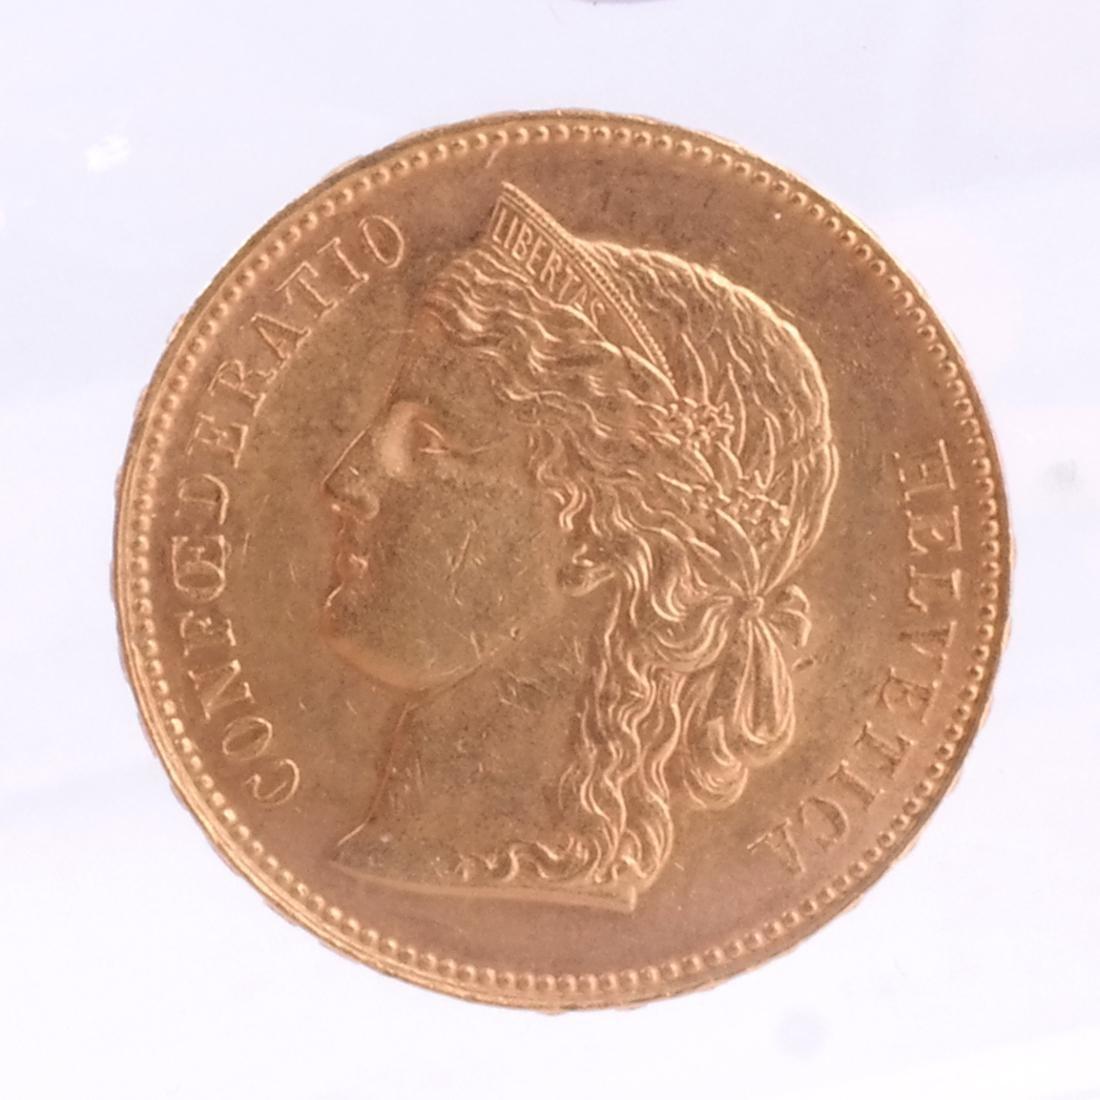 1896-B 20 Francs Swiss Gold